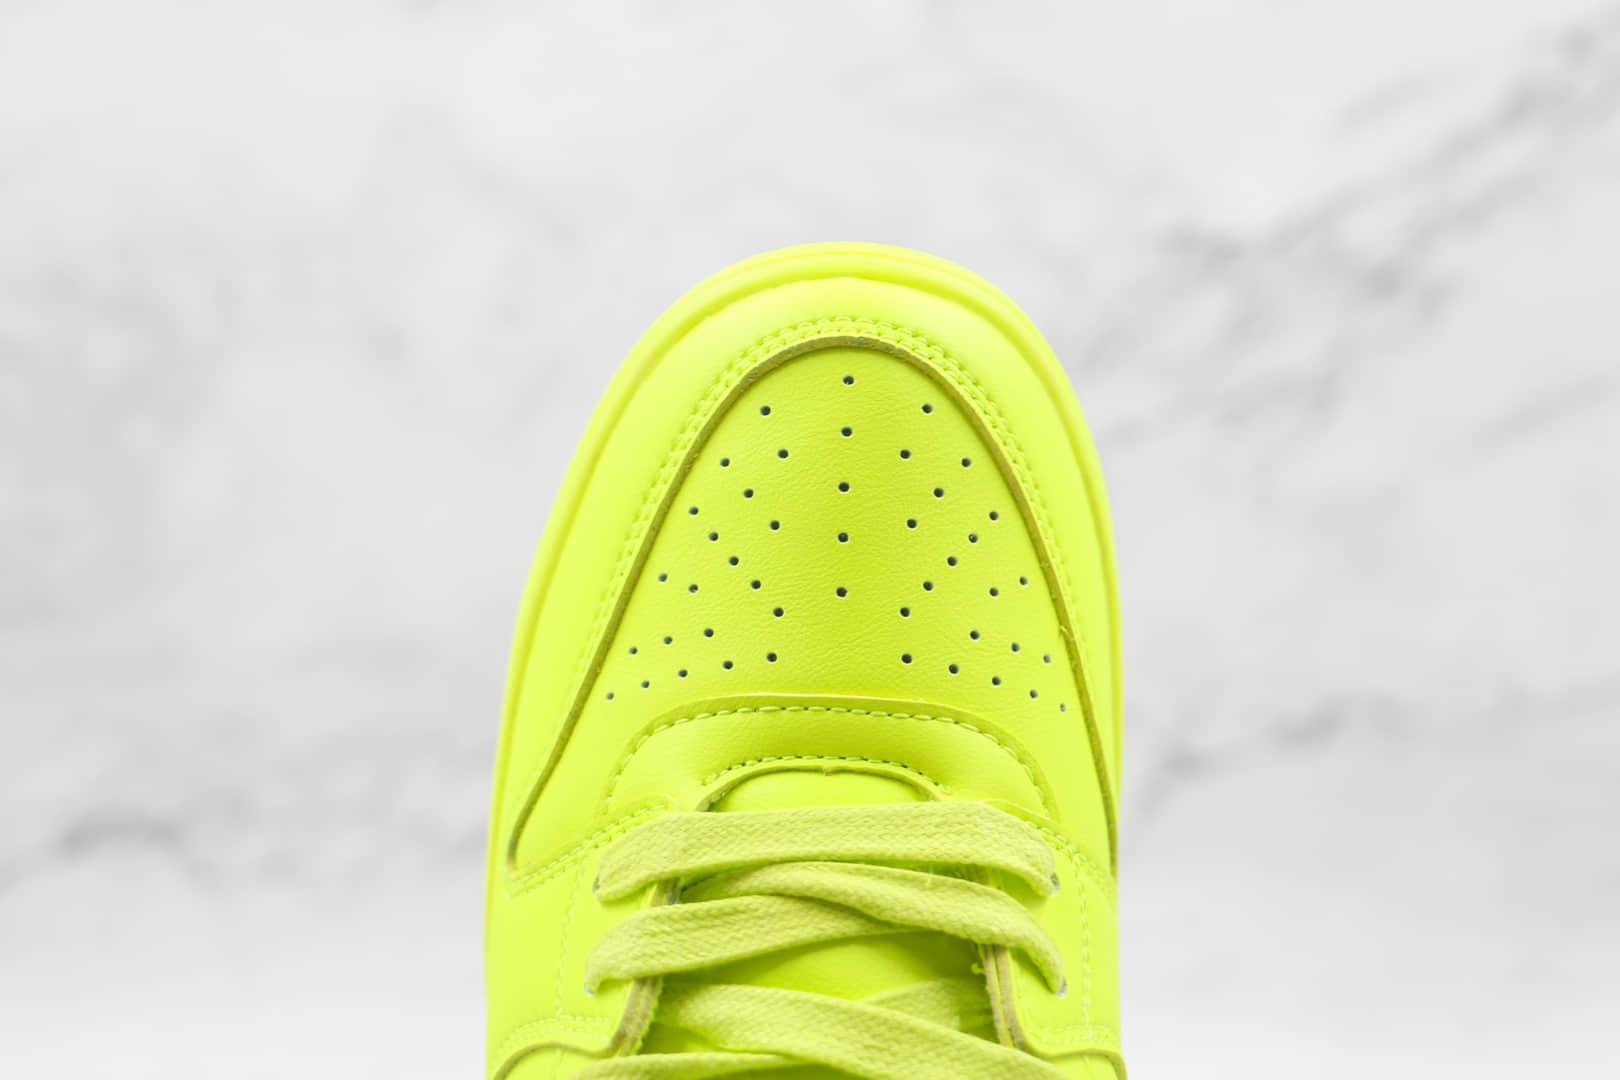 耐克Nike Dunk High x AMBUSH联名款纯原版本高帮DUNK荧光绿黑钩板鞋原盒原标 货号:CU7544-300